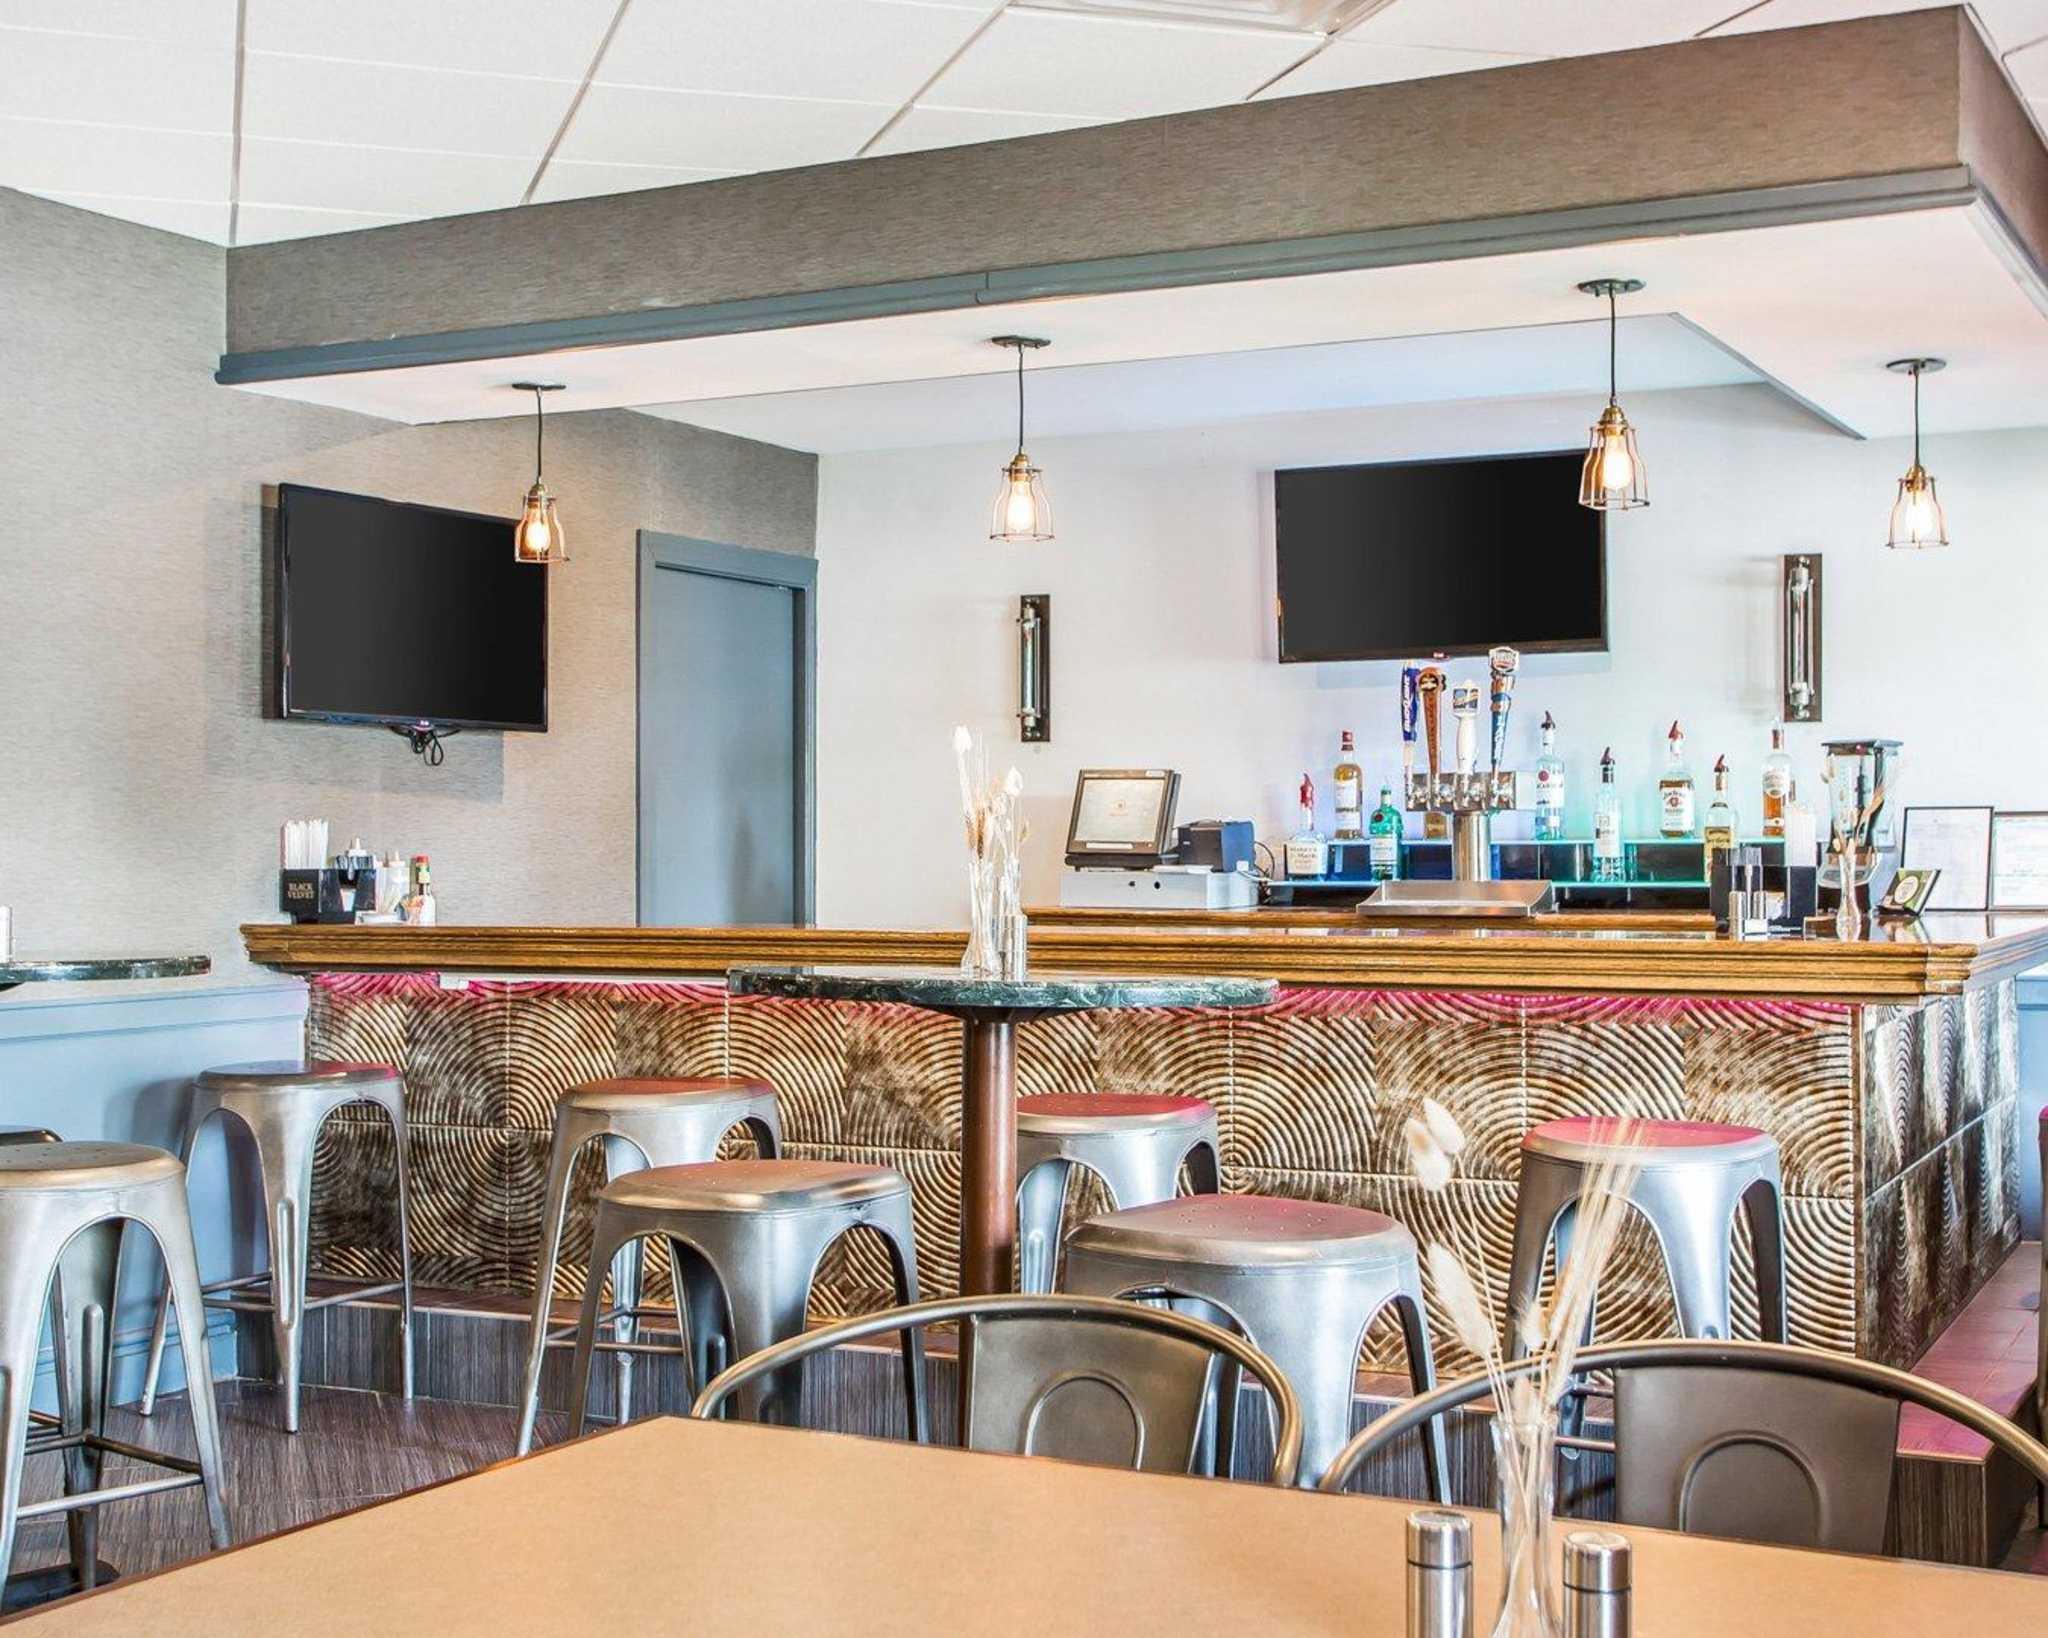 Clarion Hotel Highlander Conference Center image 35